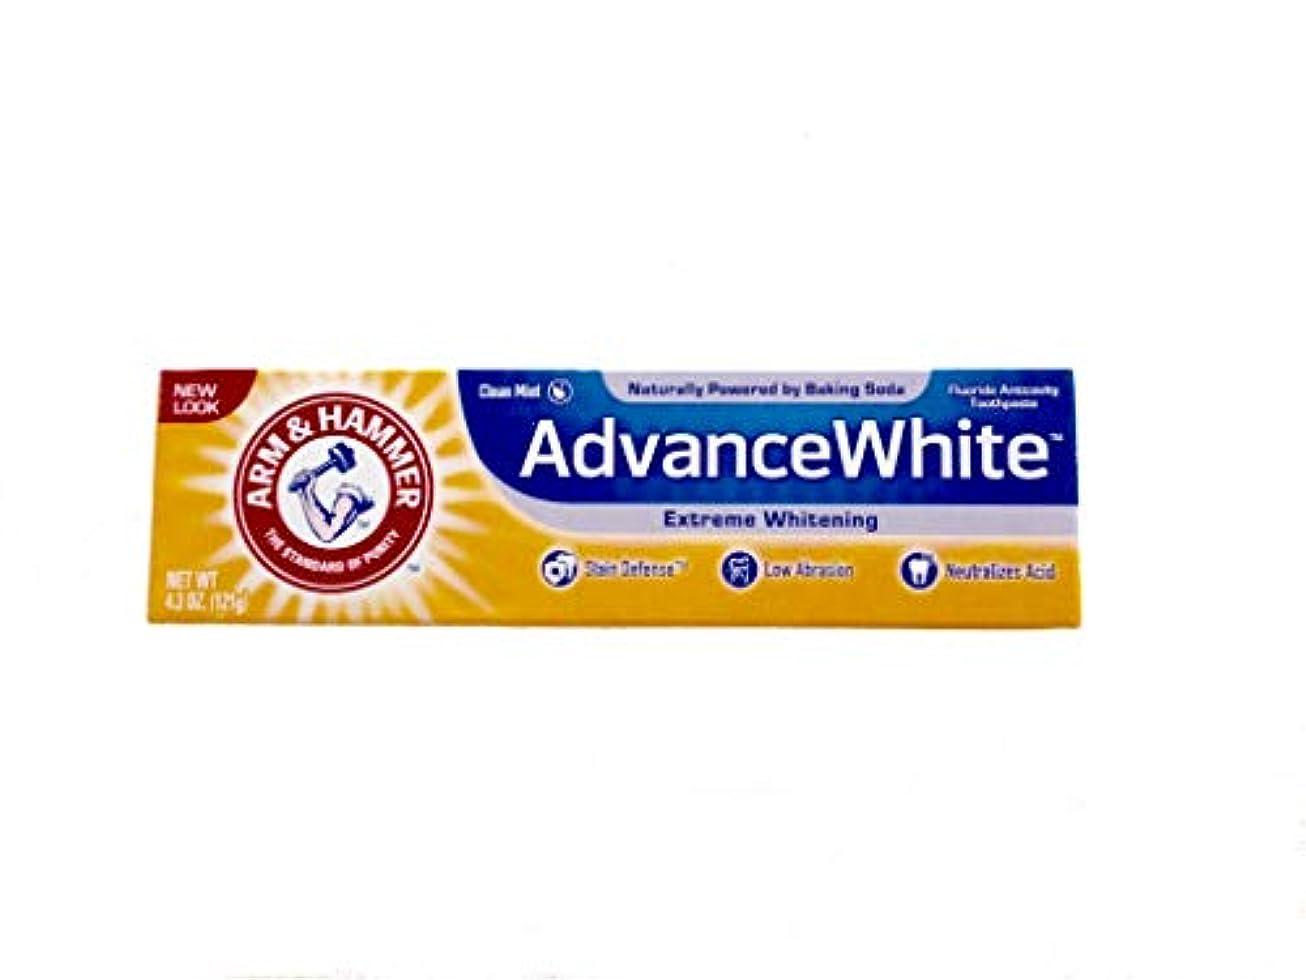 放射するキャンプ人類Arm & Hammer Advance White Fluoride Anti-Cavity Toothpaste with Baking Soda & Peroxide - 4.3 oz by Arm & Hammer...